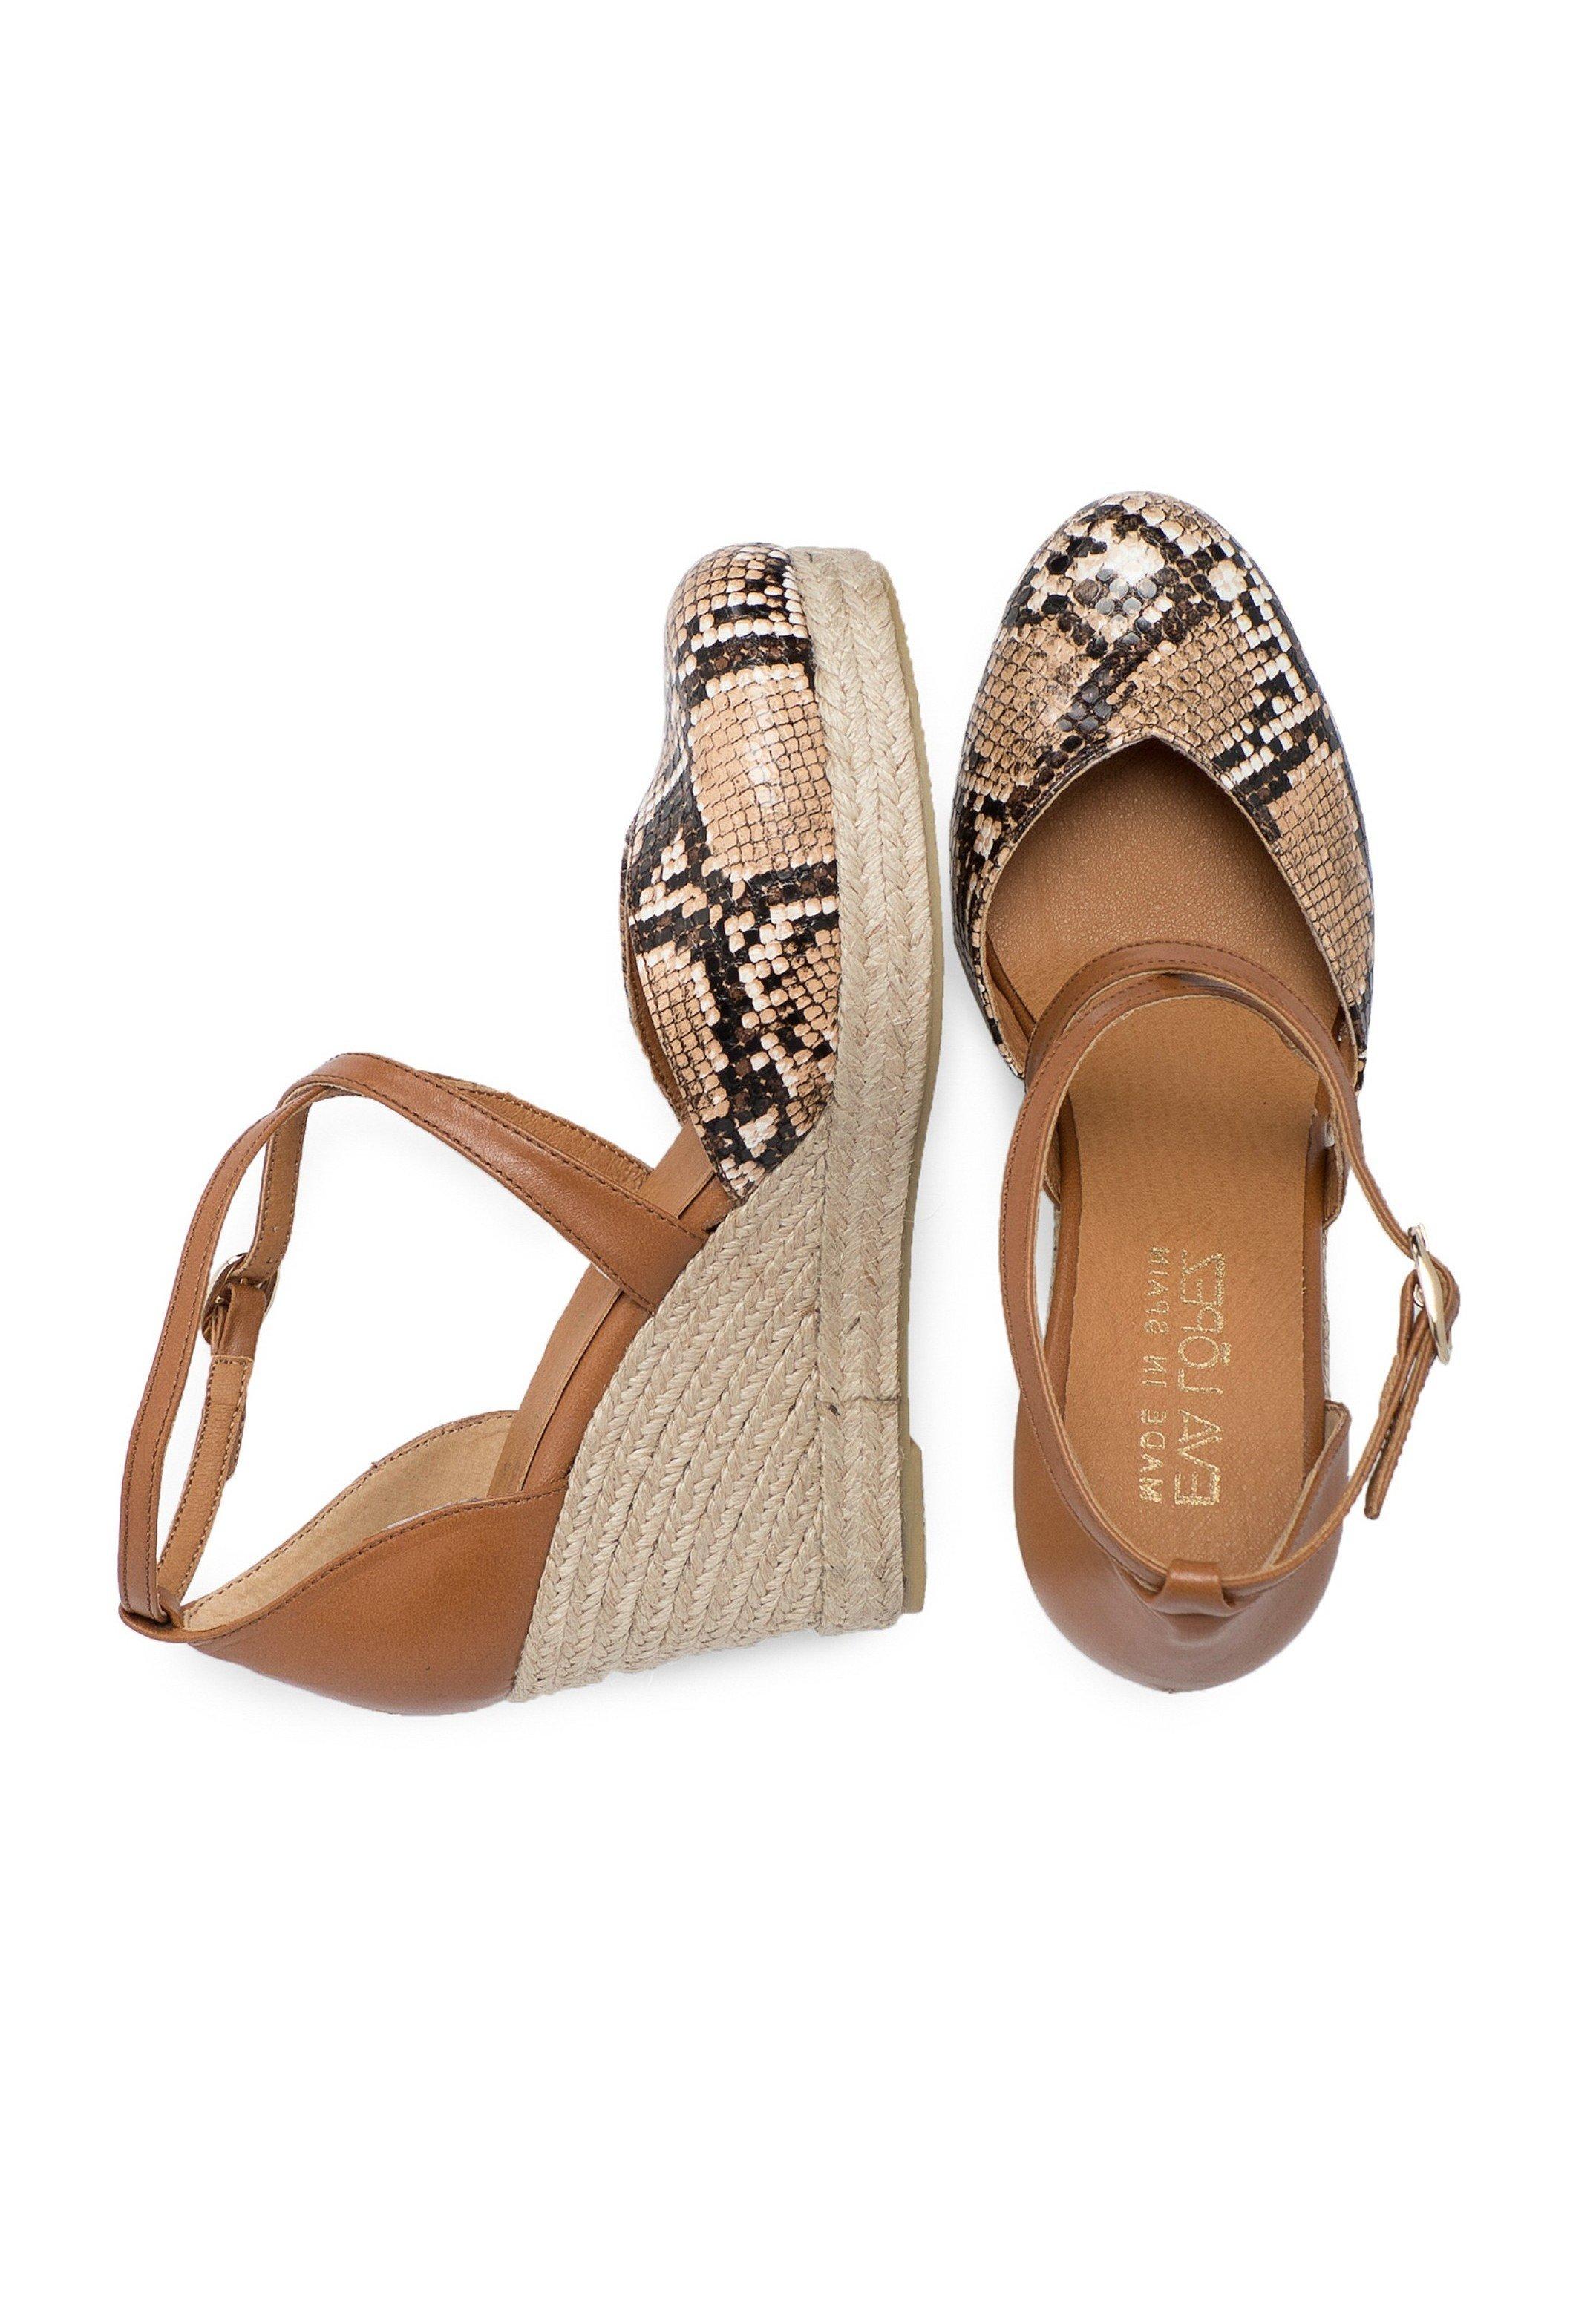 Eva Lopez Wedge sandals - cuero